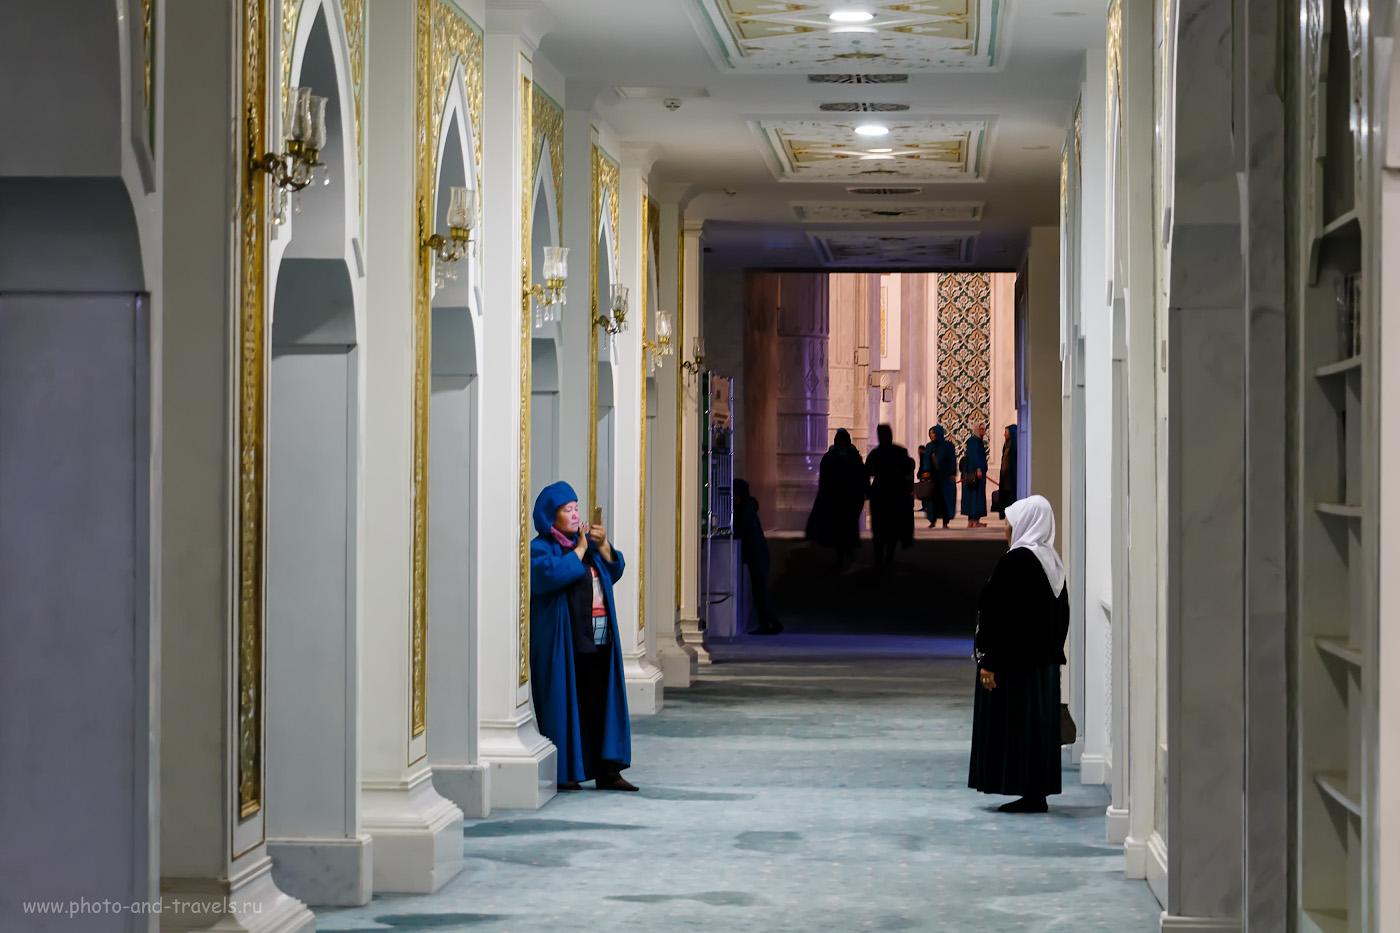 Снимок 27. Женщины в мечети «Хазрет Султан». 1/6, -0.3, 5, 800, 56.